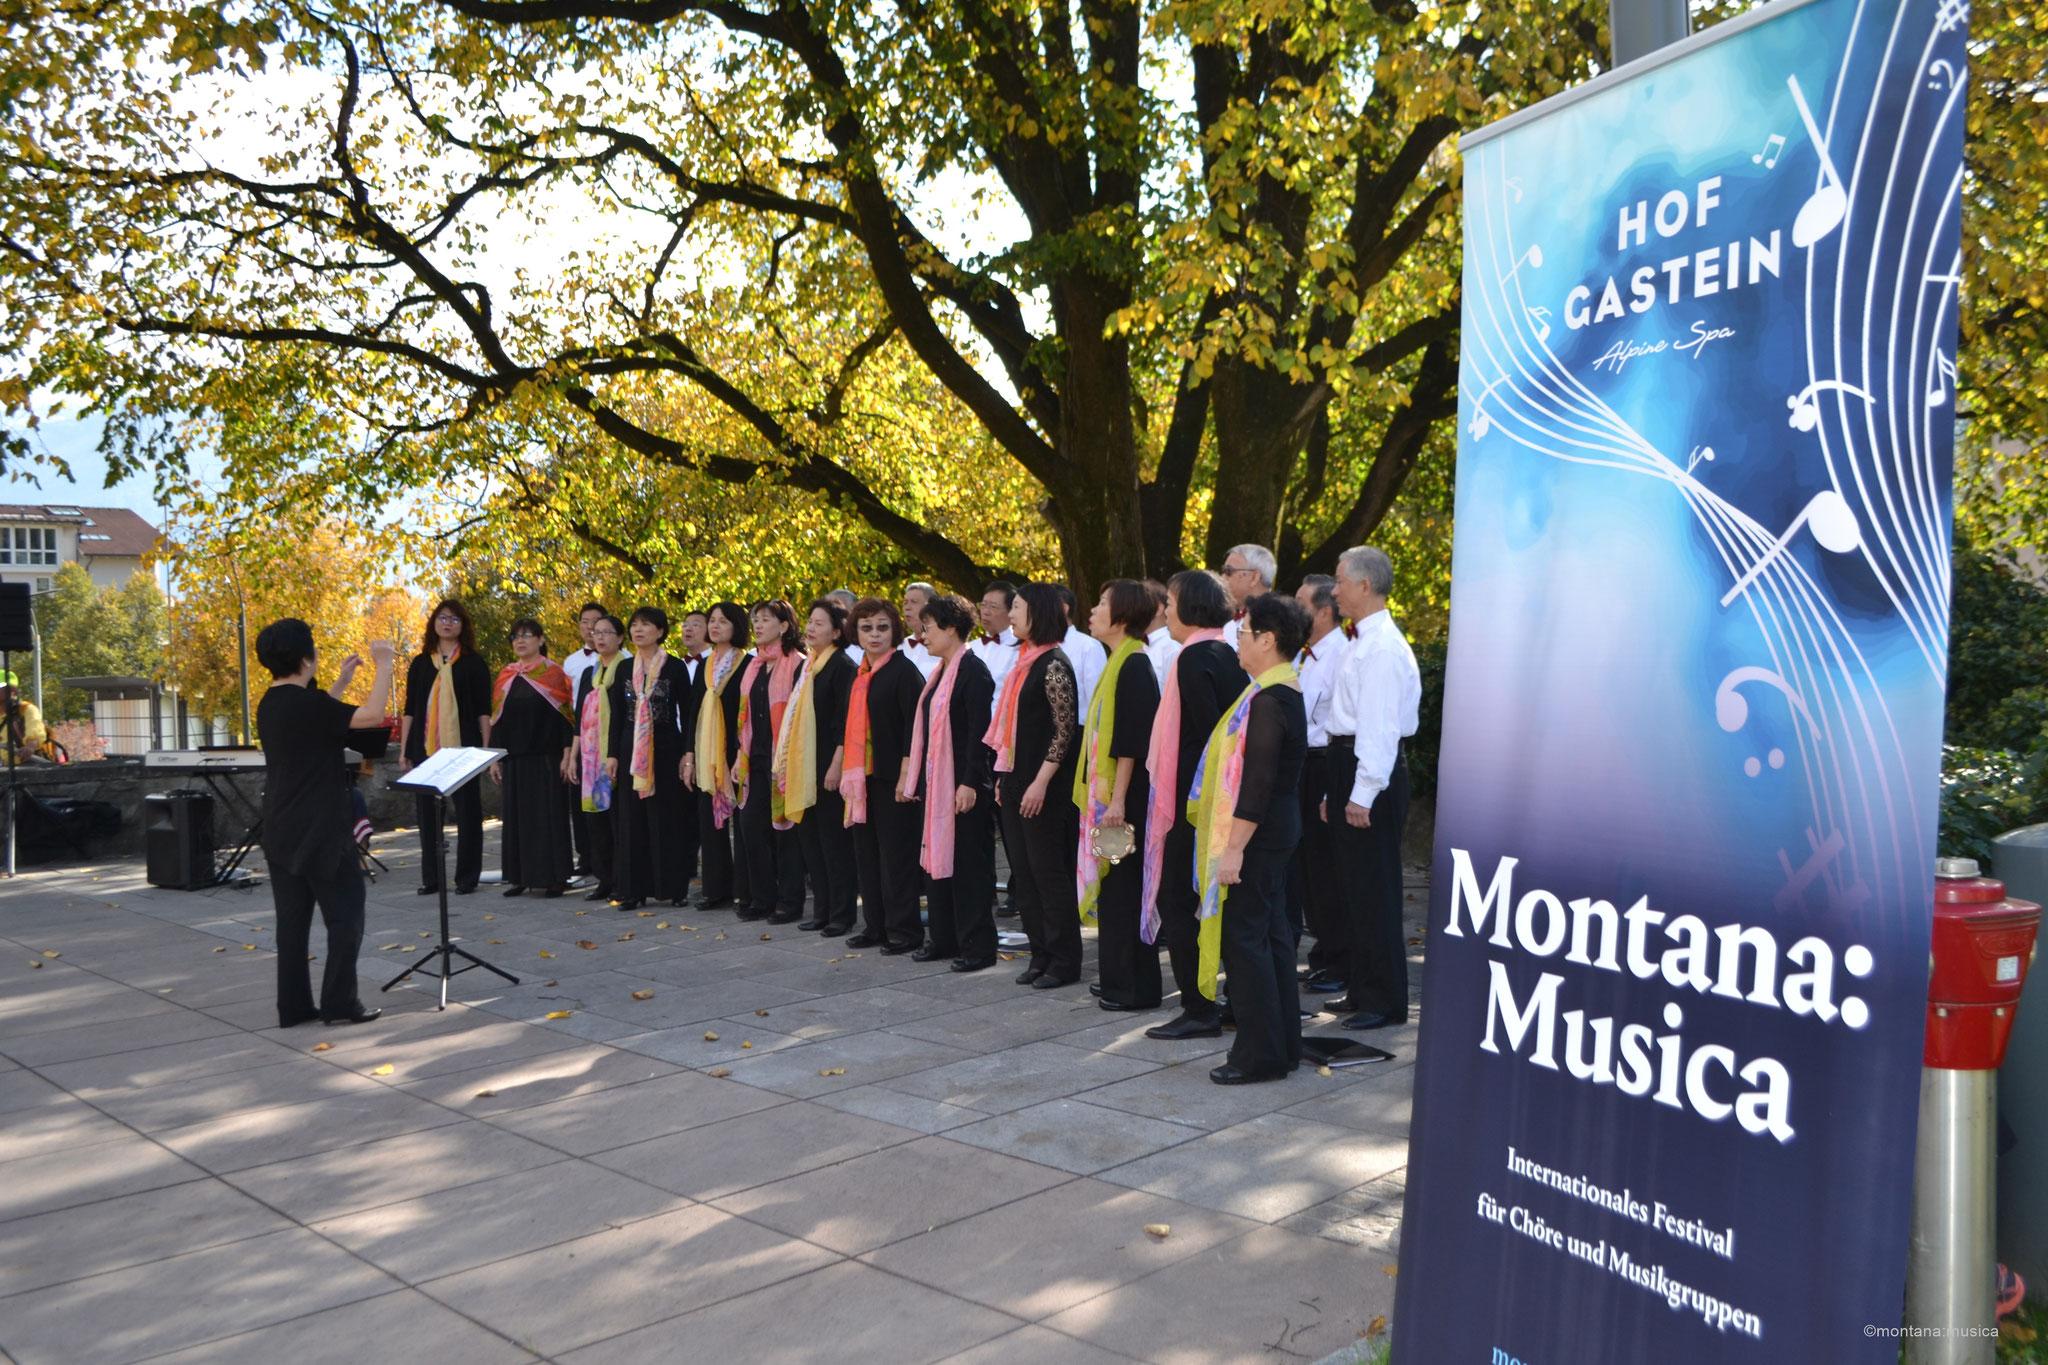 Montana:Musica 2018